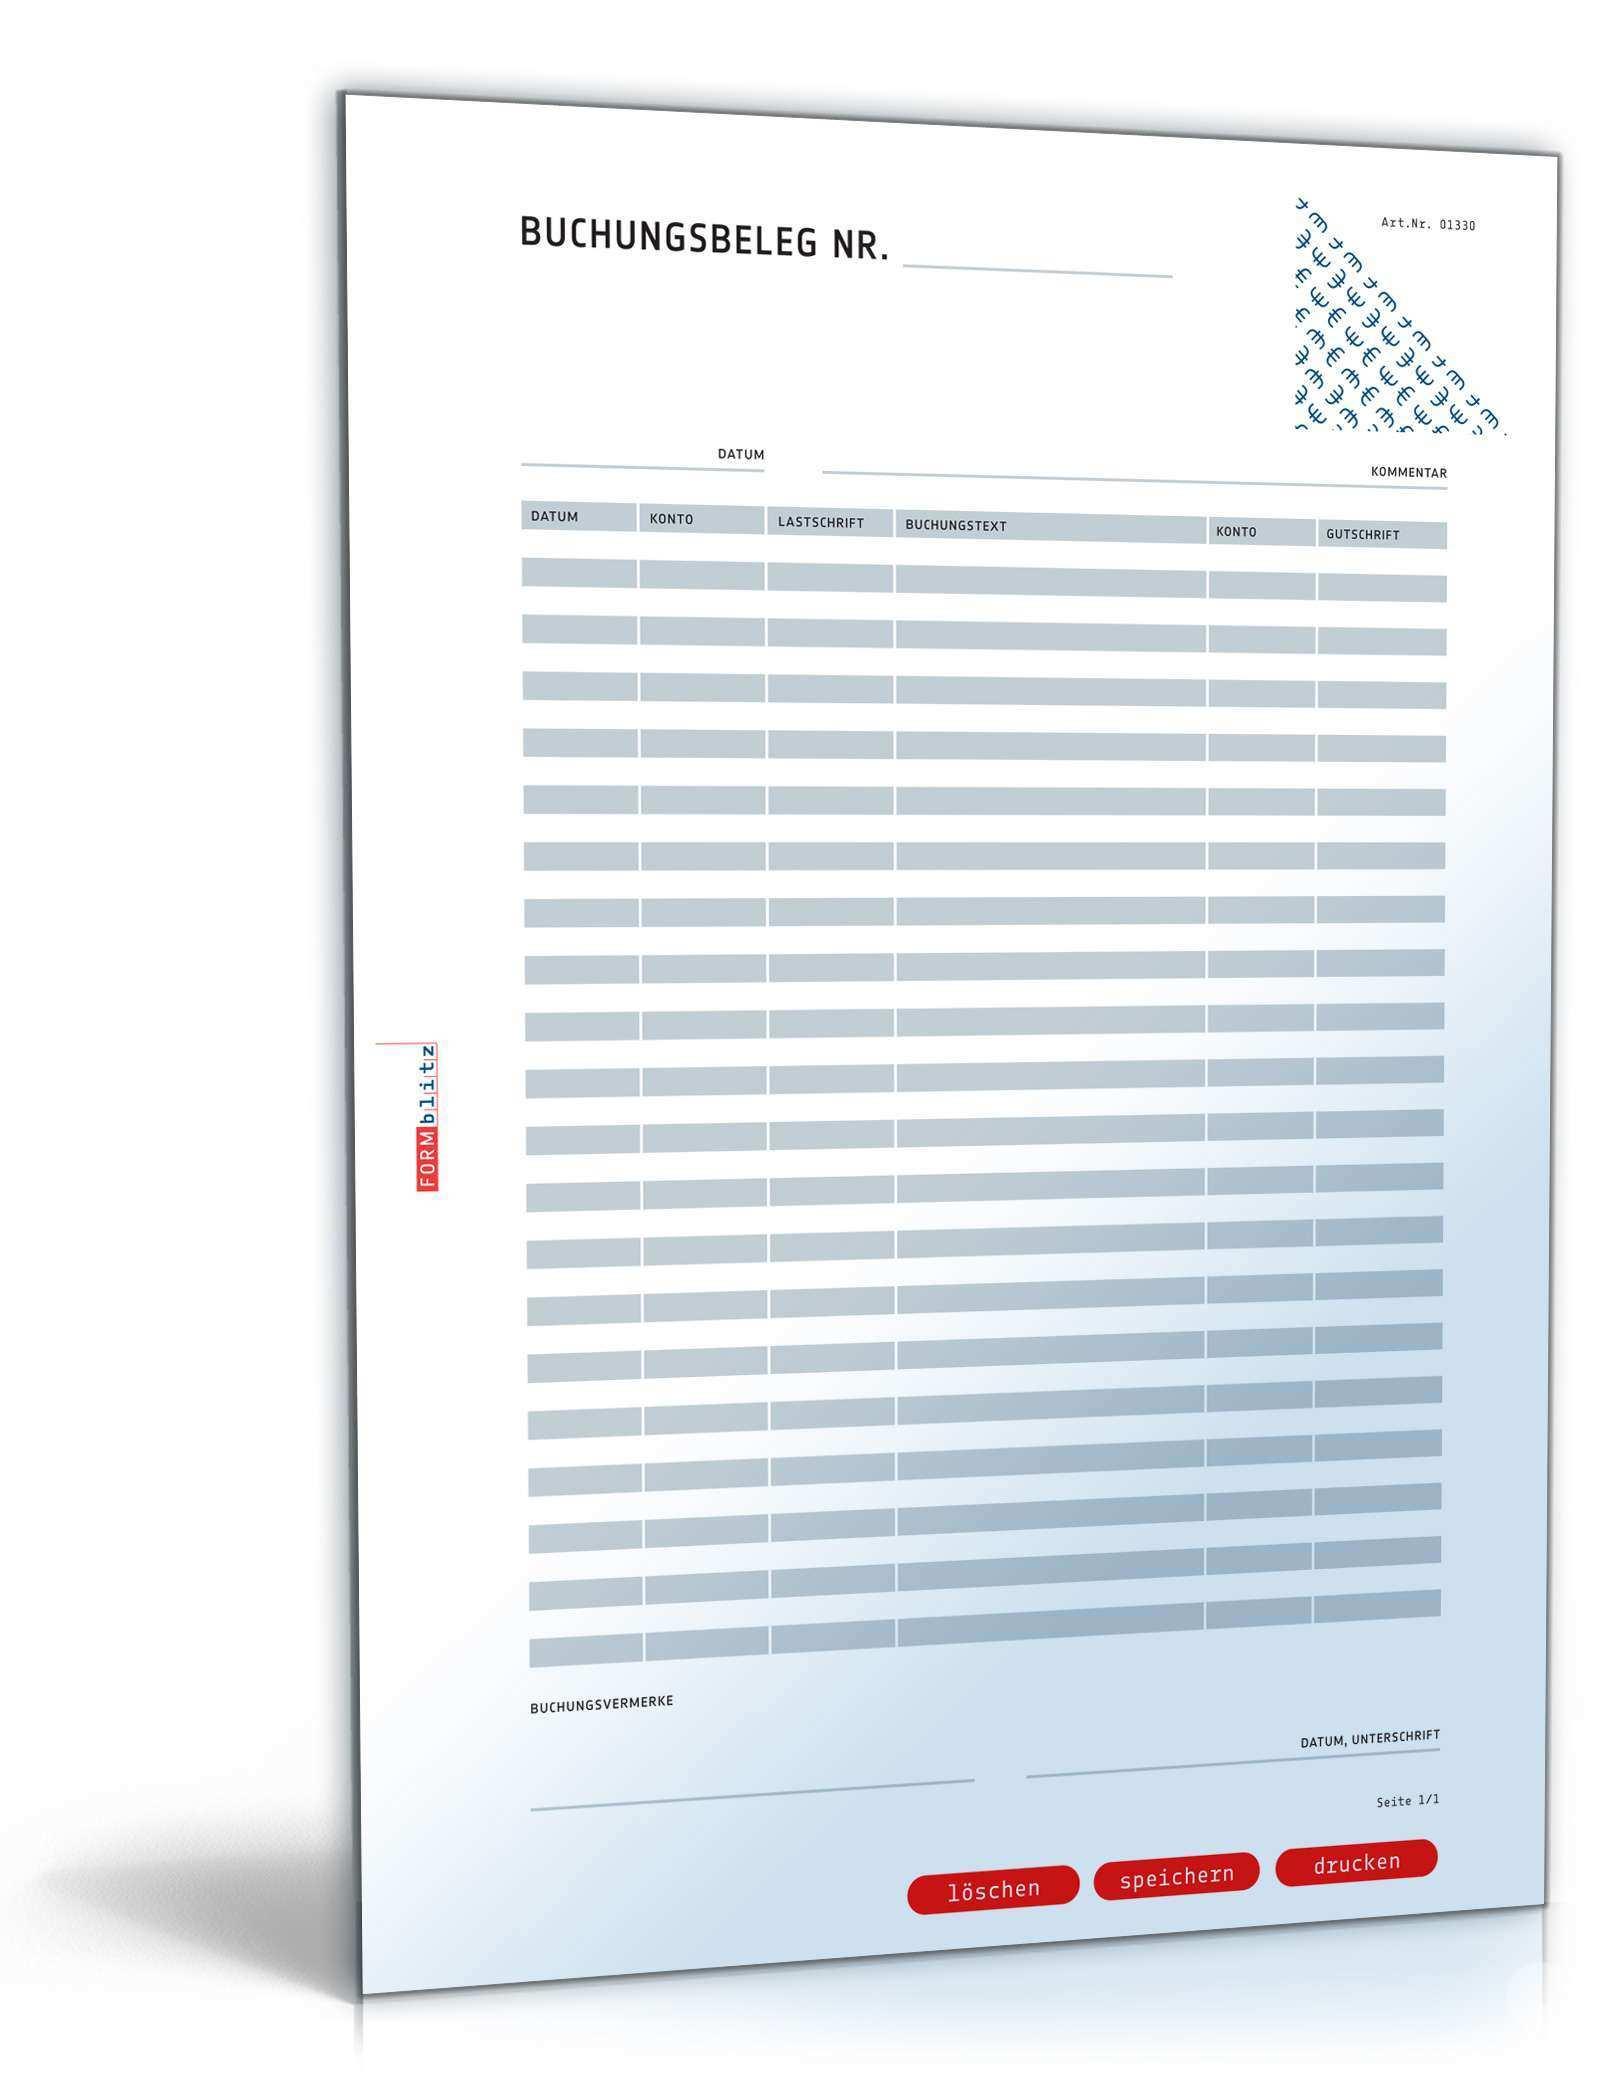 Buchungsbeleg Muster Zum Download